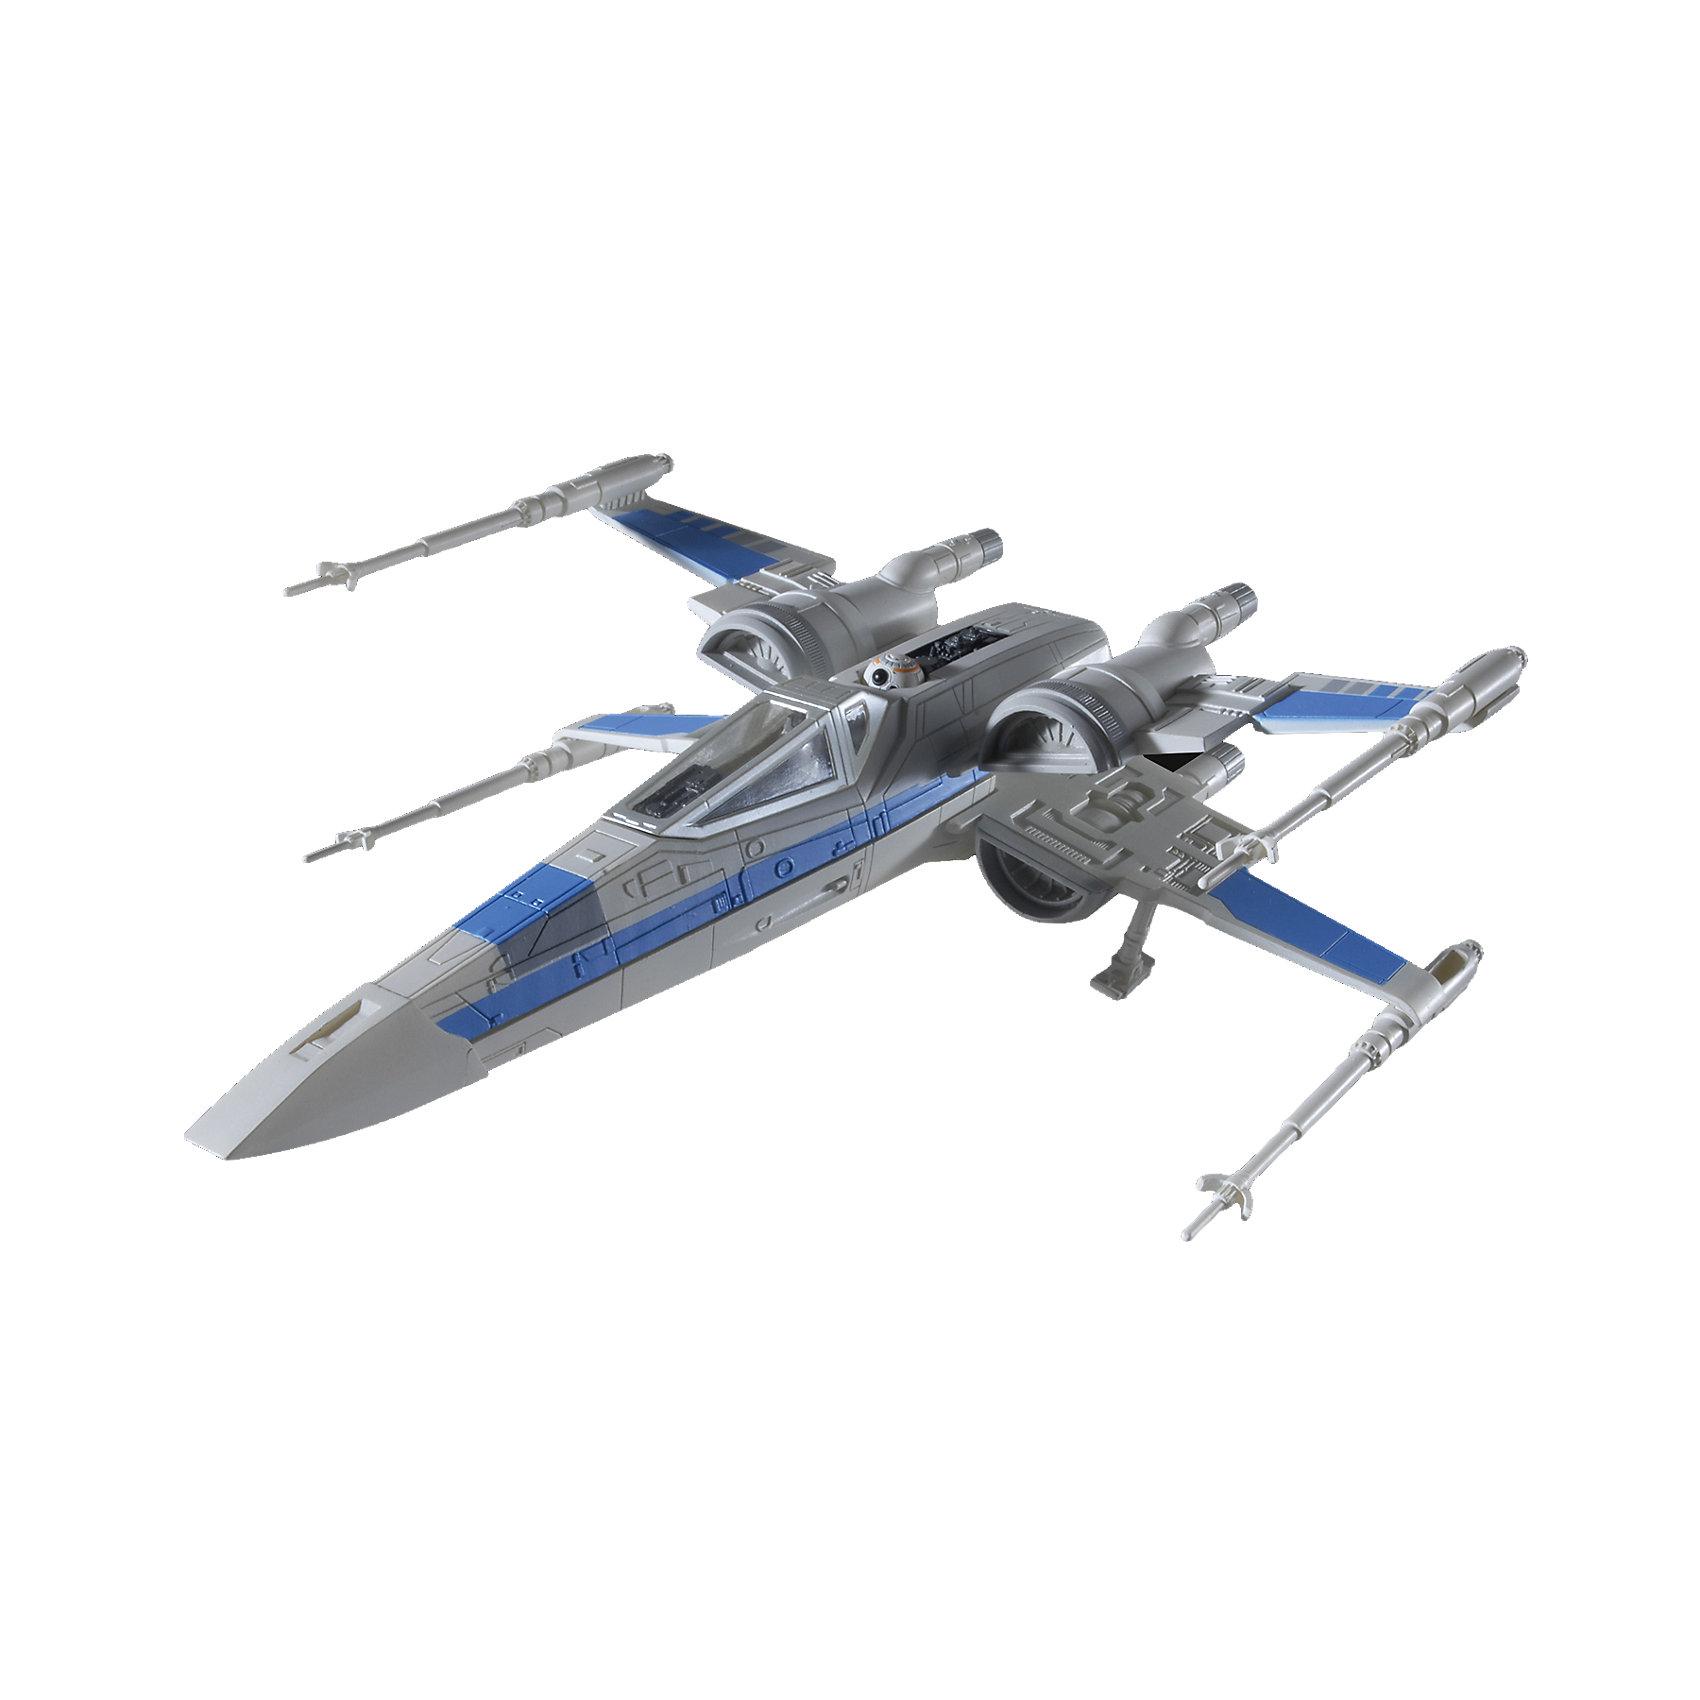 Сборная модель Звездные войны  «Истребитель Х-Wing» (1:78.), Собери и играйМодели для склеивания<br>Сборная модель Звездные войны  «Истребитель Х-Wing», Собери и играй, является точной копией истребителя из фильма Звездные войны. Корпус самолета имеет интересный дизайн и очень детализирован. Белый самолет с серыми и голубыми вставками не сможет оставить без внимания мальчика. Истребитель имеет внешние ракетные установки.  Собирая данную модель, юный конструктор очутиться в мире фантастических приключений космоса. Собранный истребитель обладает световыми и звуковыми эффектами.   <br>Модель истребителя выполнена в масштабе 1:78.  <br>Количество элементов: 18.  <br>Сборная модель продается в красочной коробке из плотного картона.  <br>Рекомендуемый возраст: от 6 лет.<br><br>Ширина мм: 245<br>Глубина мм: 172<br>Высота мм: 78<br>Вес г: 220<br>Возраст от месяцев: 72<br>Возраст до месяцев: 144<br>Пол: Мужской<br>Возраст: Детский<br>SKU: 4161724